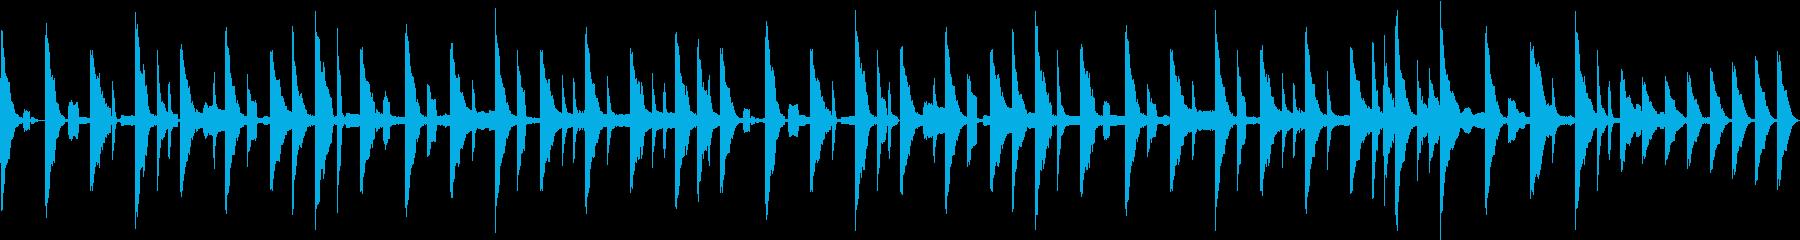 野球337拍子的イメージの再生済みの波形